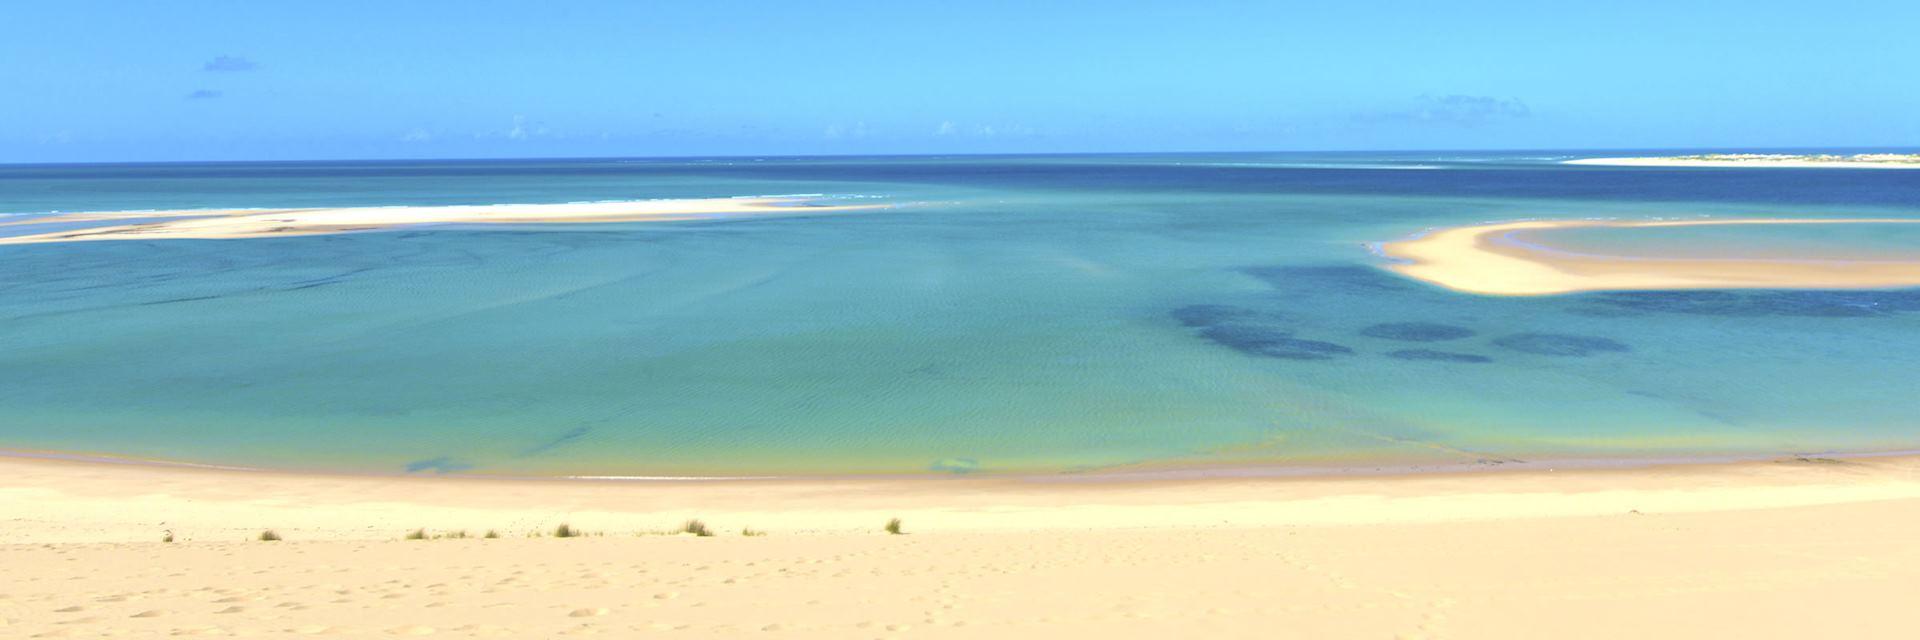 Bazaruto Island on Mozambique